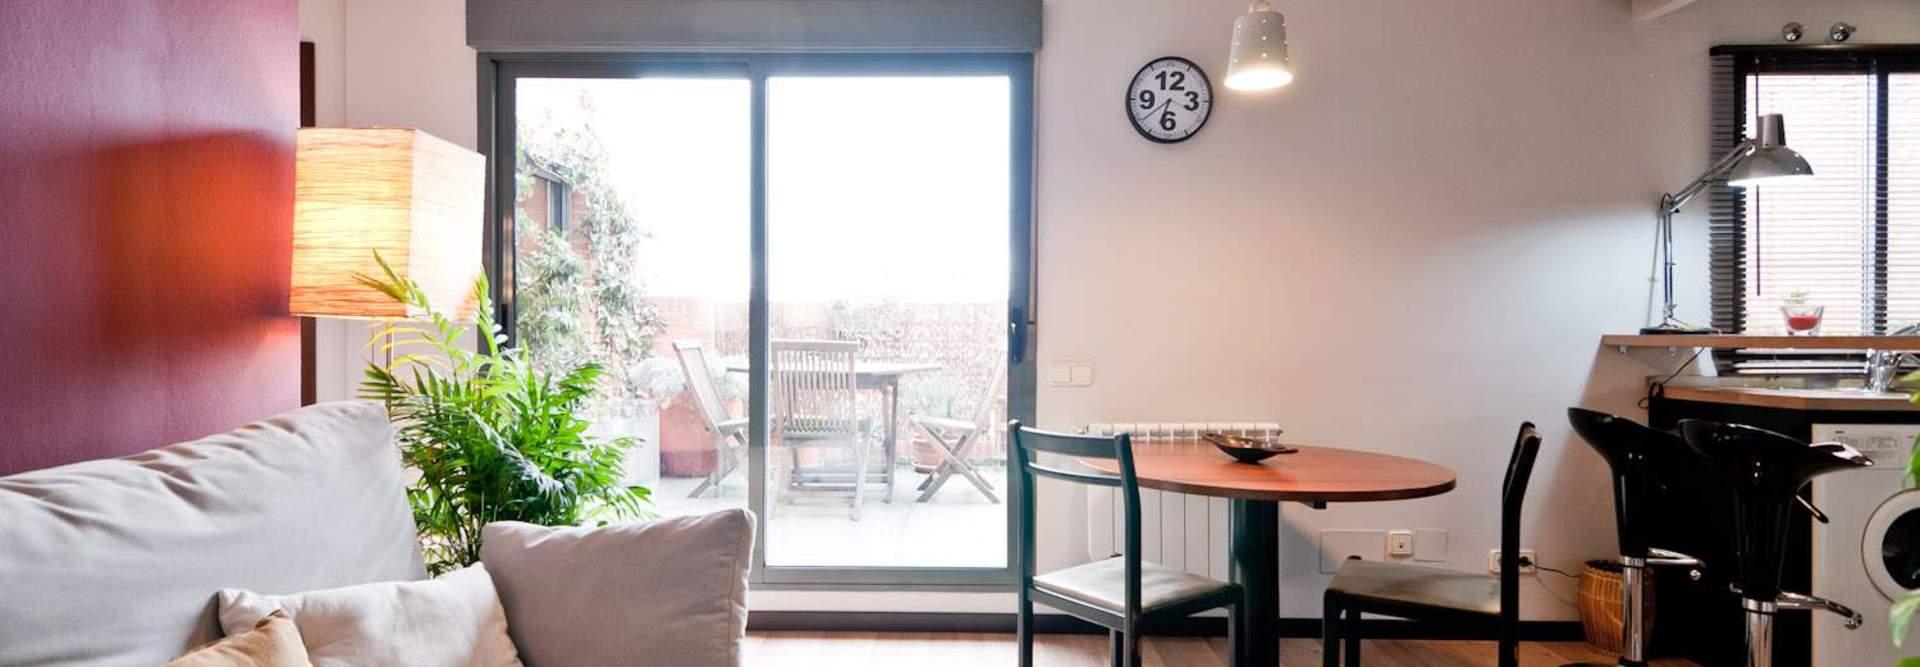 Alquiler de apartamentos por d as bilbao centro - Apartamentos madrid centro por dias ...